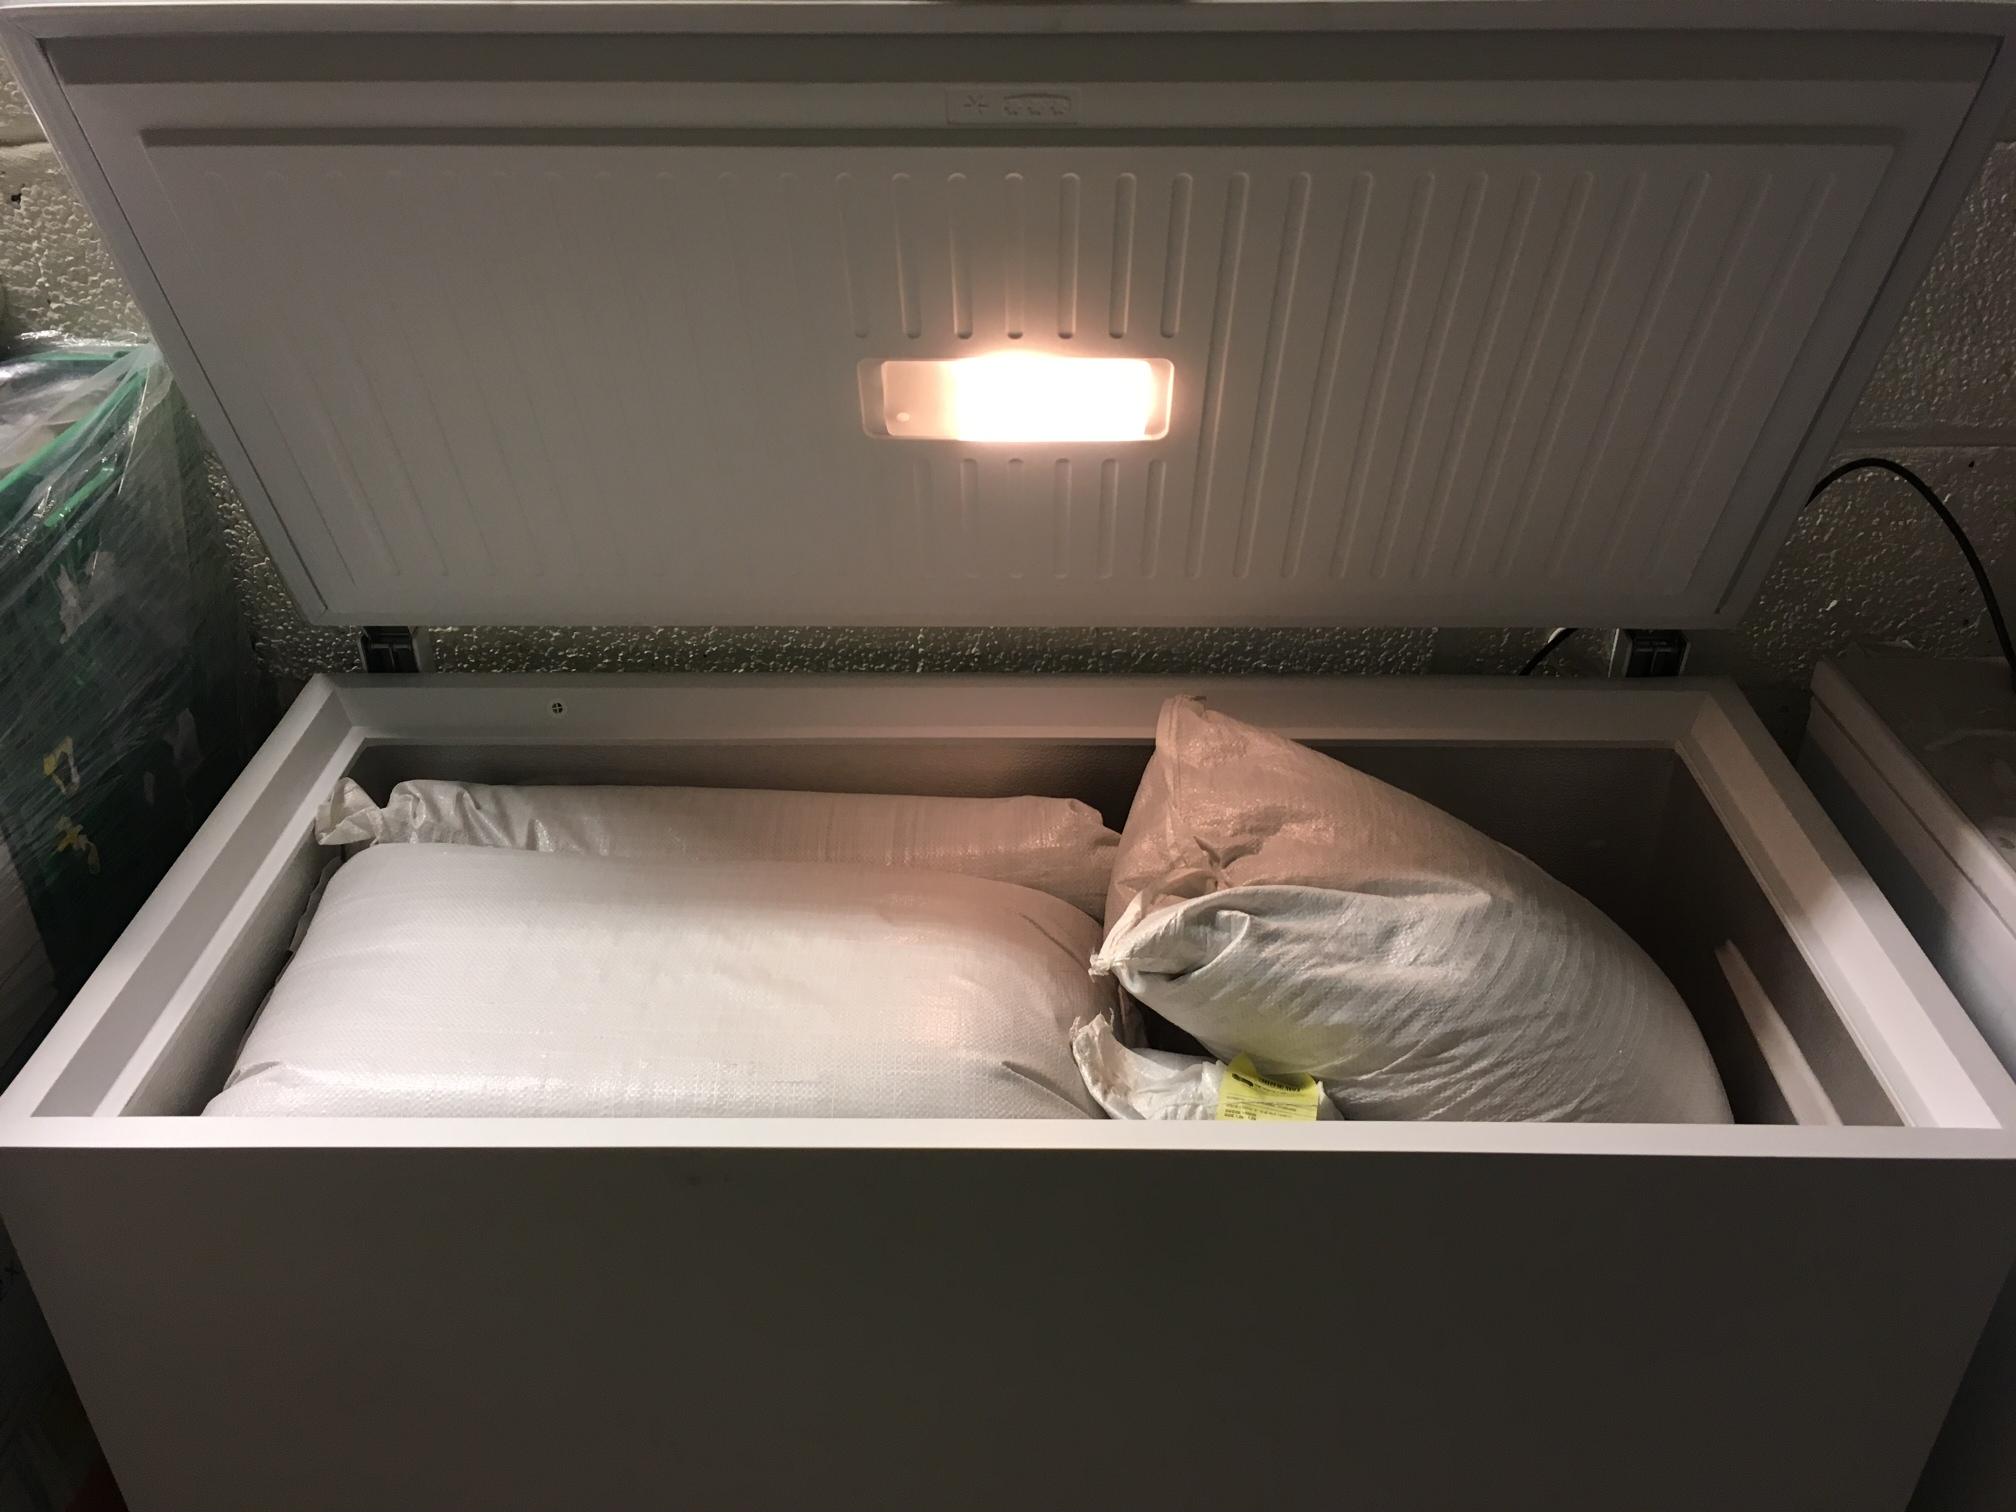 Hos frøleverandøren Norgro på Hamar fryser de ned frø av bla kålrot, siden det ikke dyrkes frø av den så ofte. Ved å fryse ned, kan de hente ut nytt hvert år, ta en spireprøve og så sende det ut på markedet med riktig spireprosent.